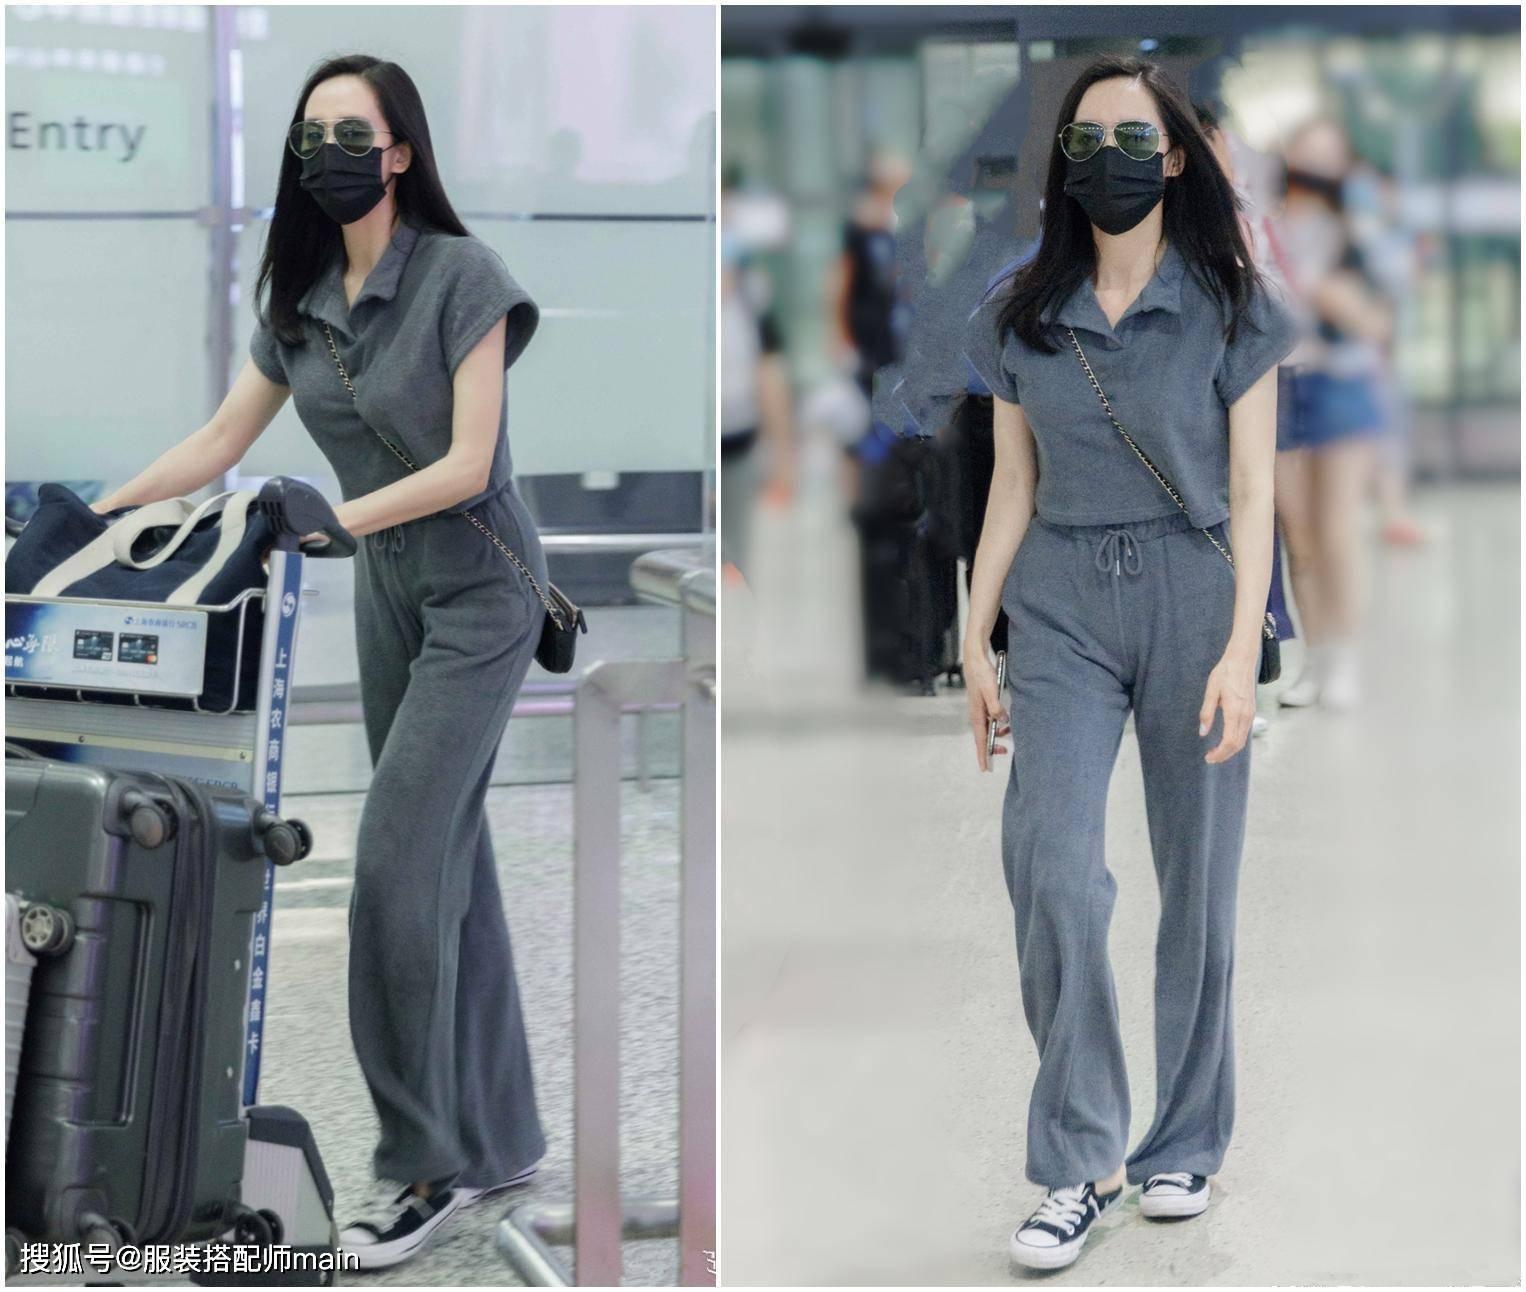 原创             王智晒健身美照,豹纹T恤+瑜伽裤凹凸感十足,38岁辣妈不简单